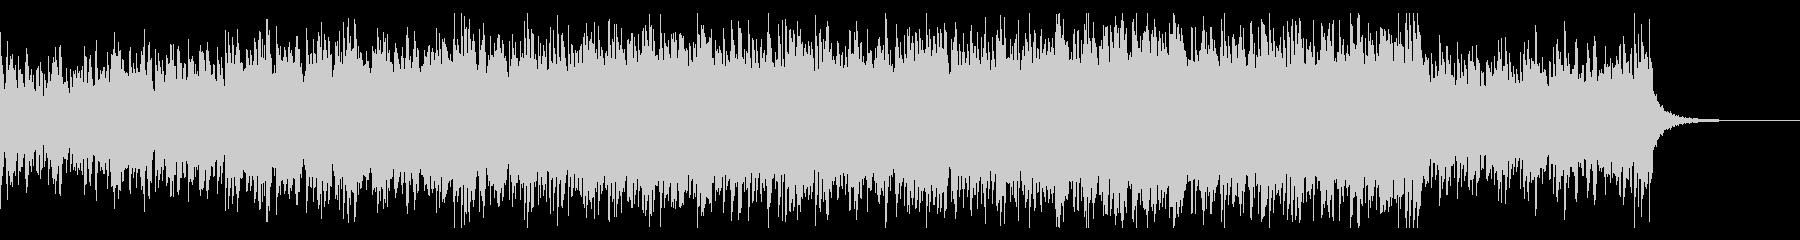 アコギとシンセのダークで悲しい曲の未再生の波形